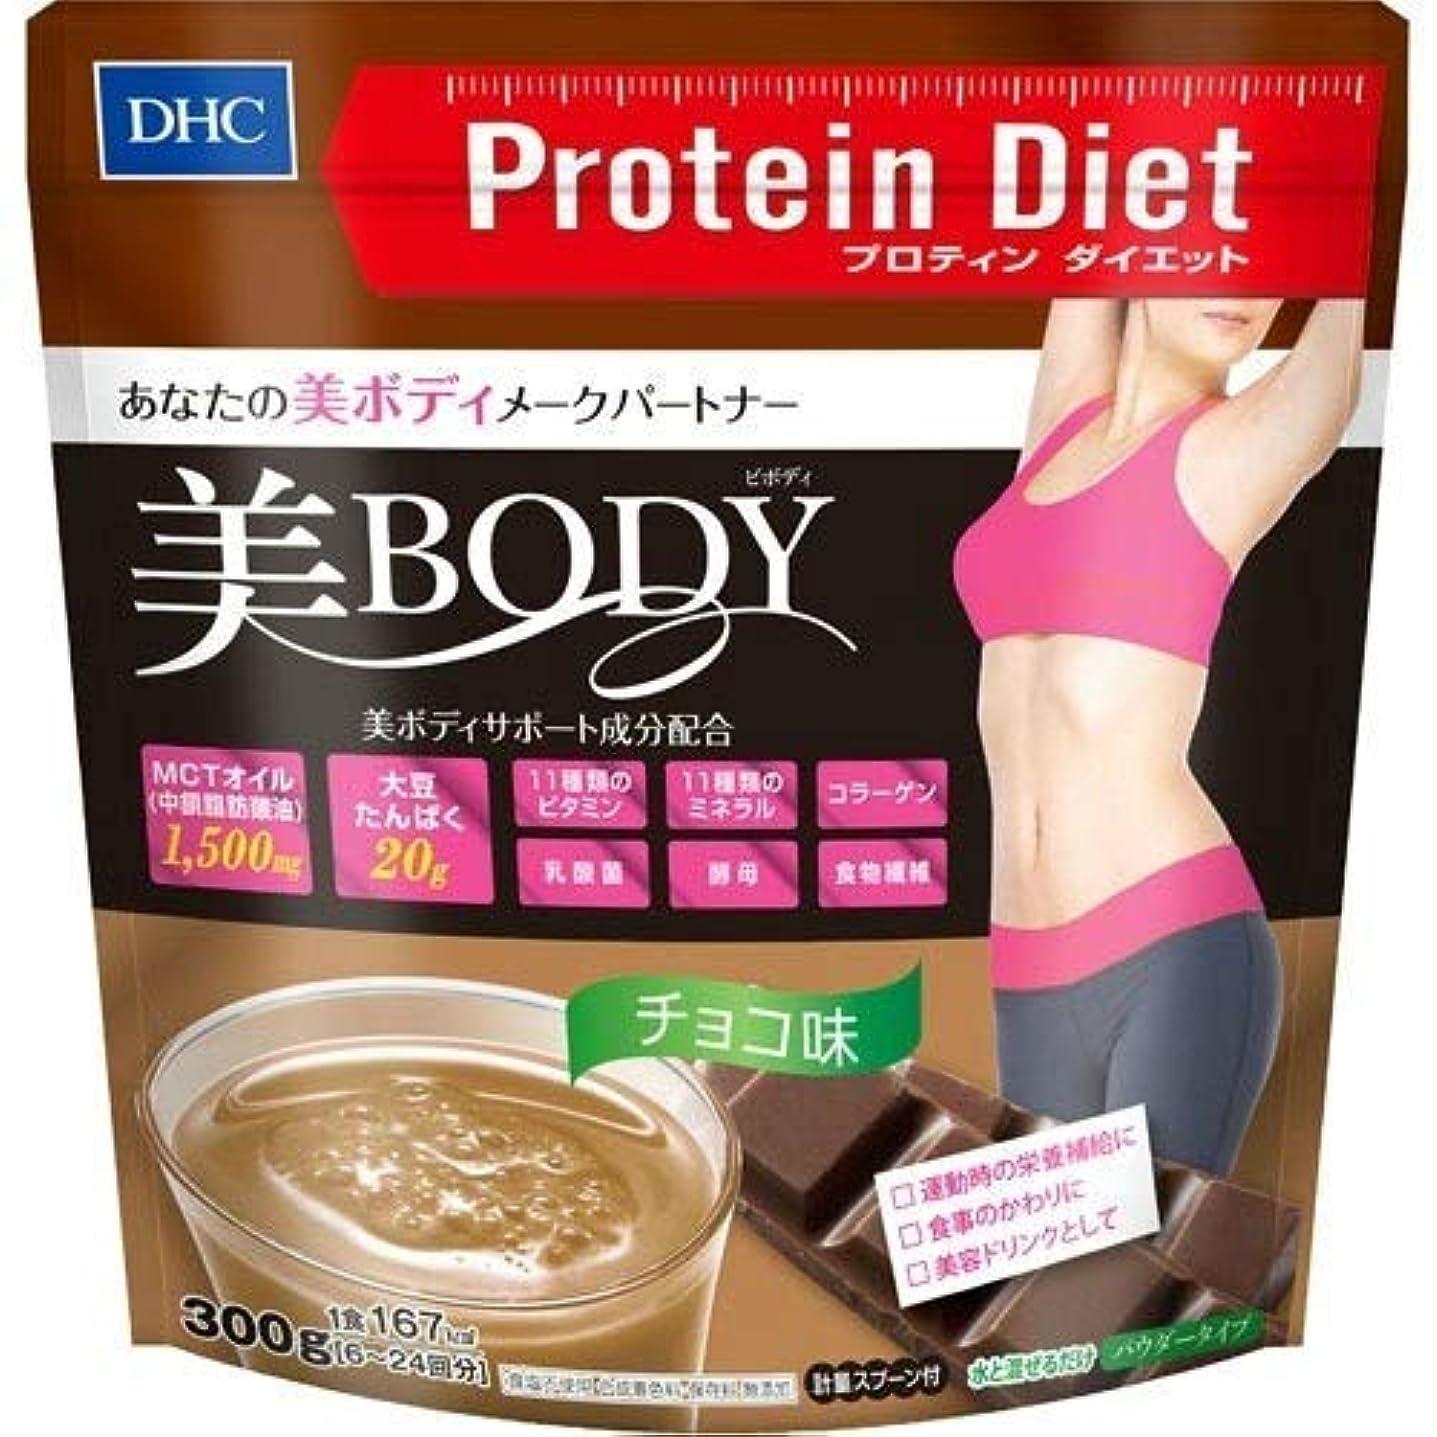 シネマ内陸マントルDHC プロテインダイエット 美Body チョコ味 300g × 5個セット